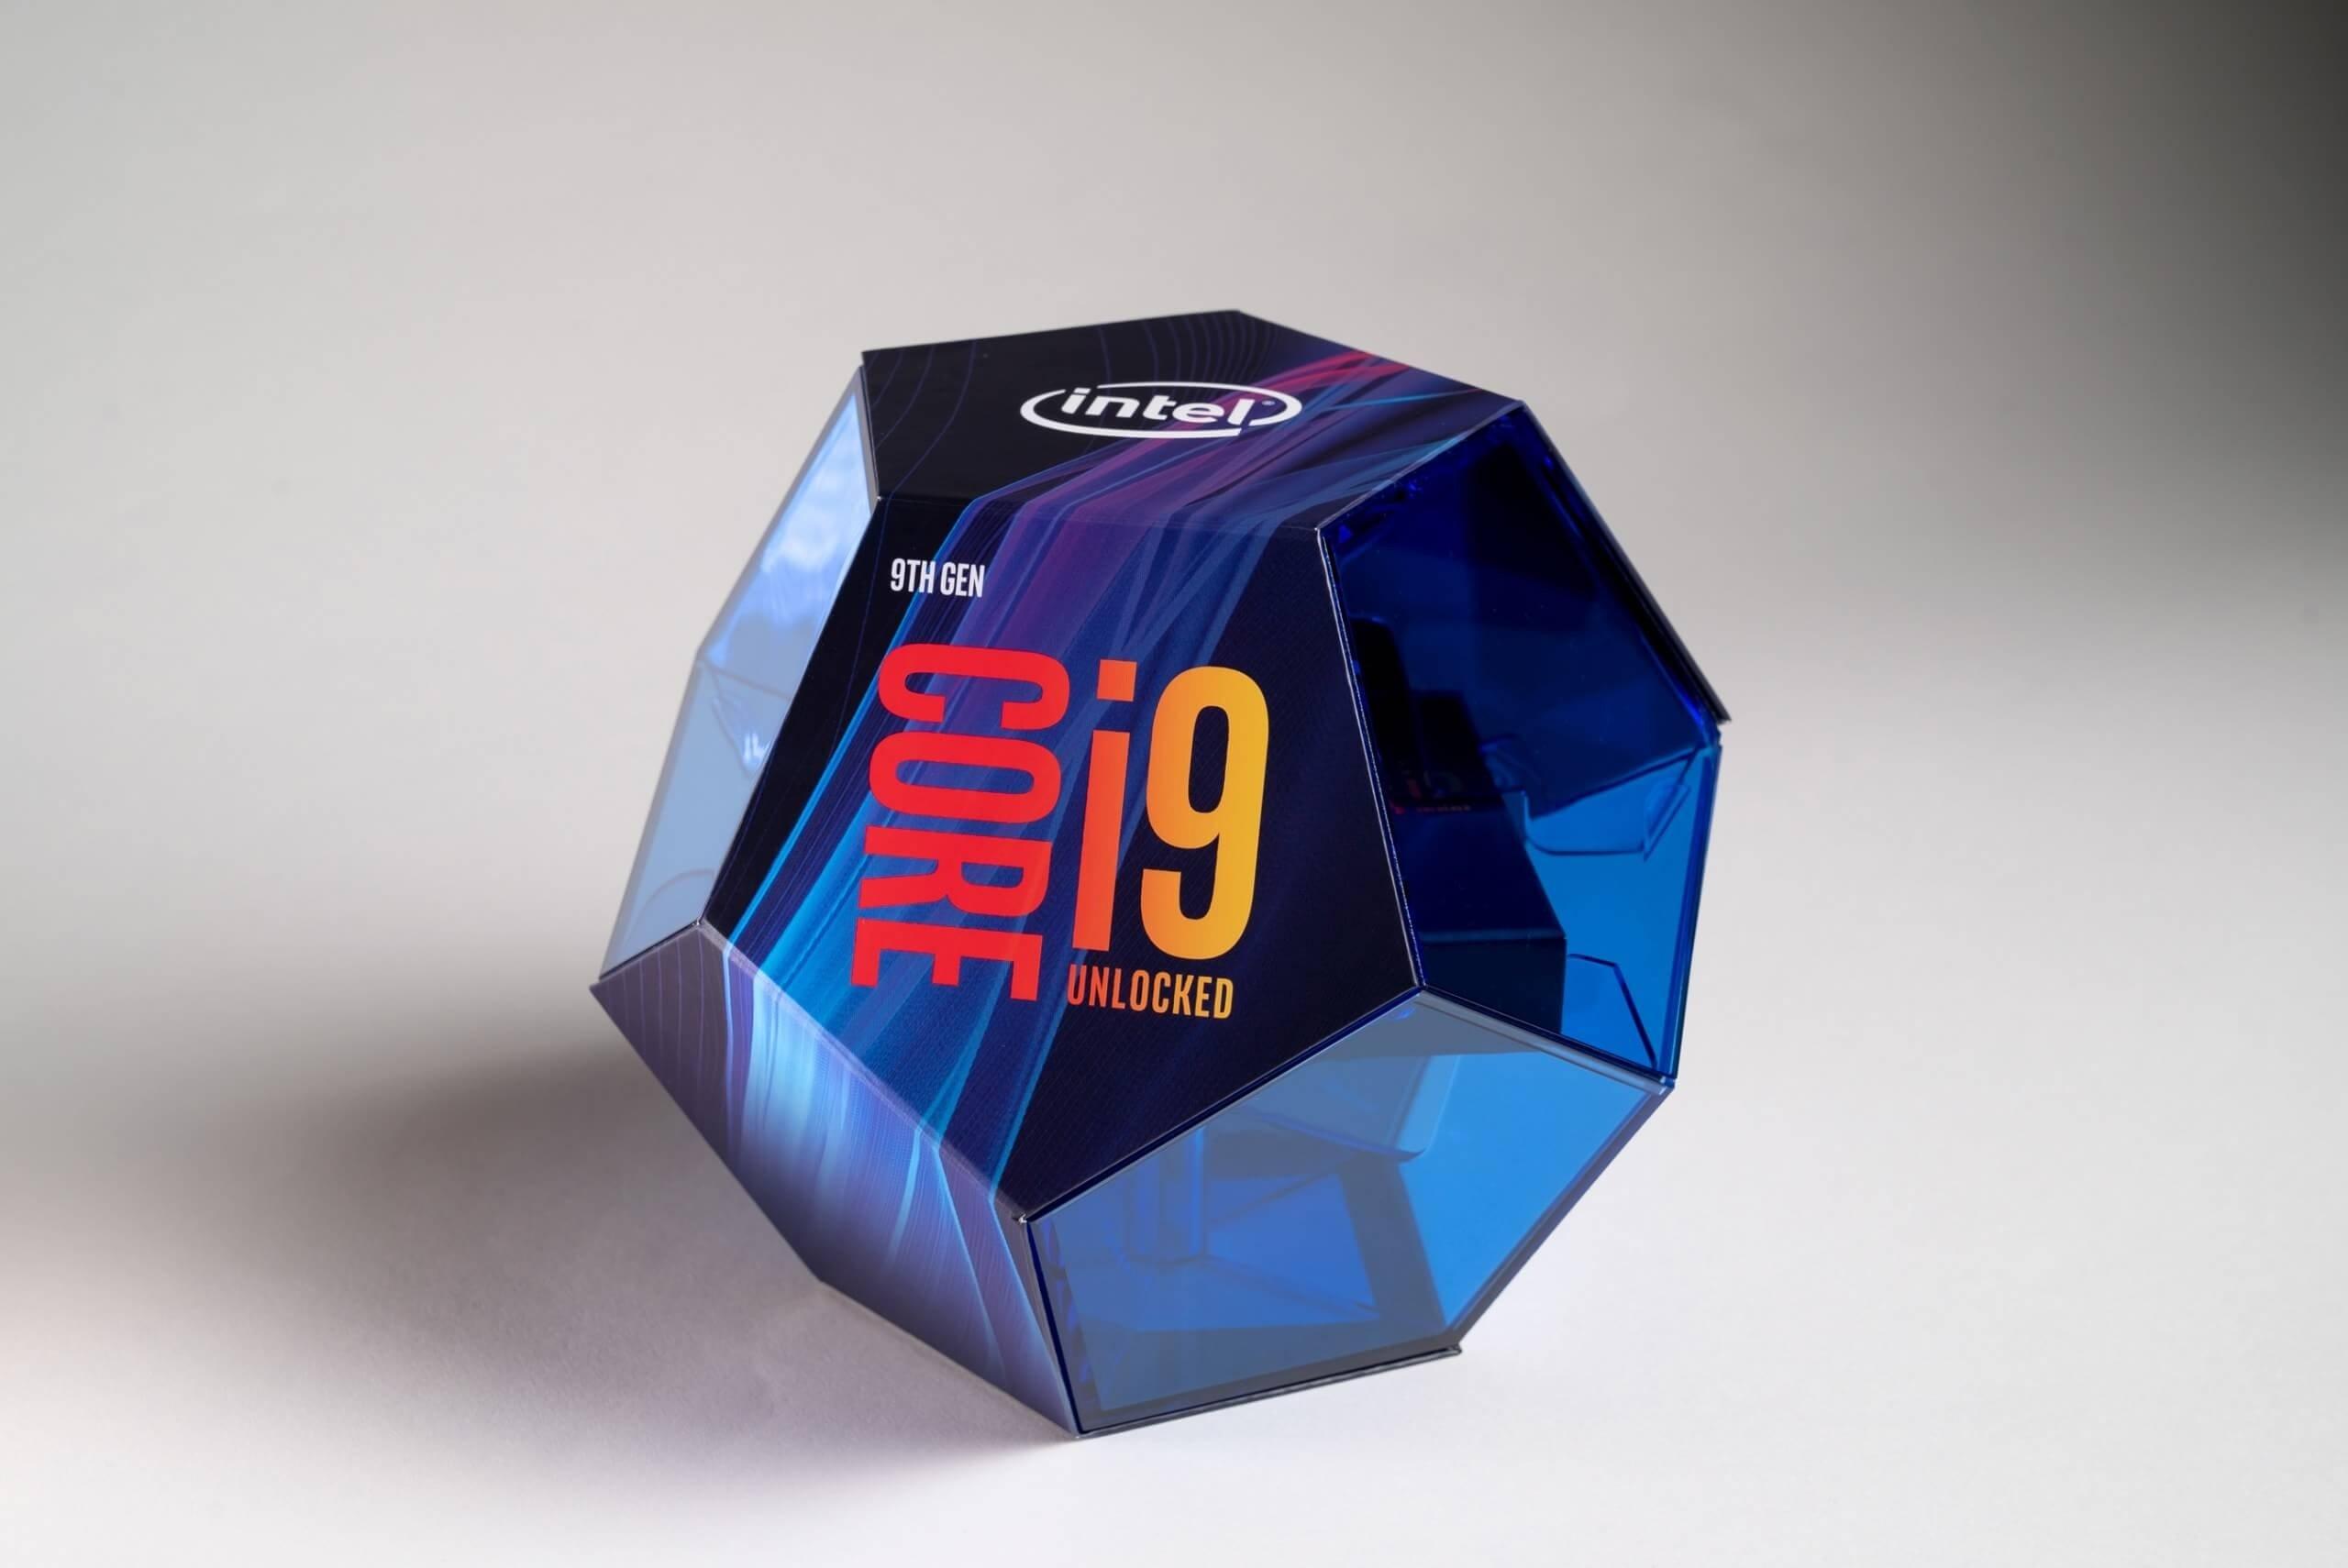 intel processador i9